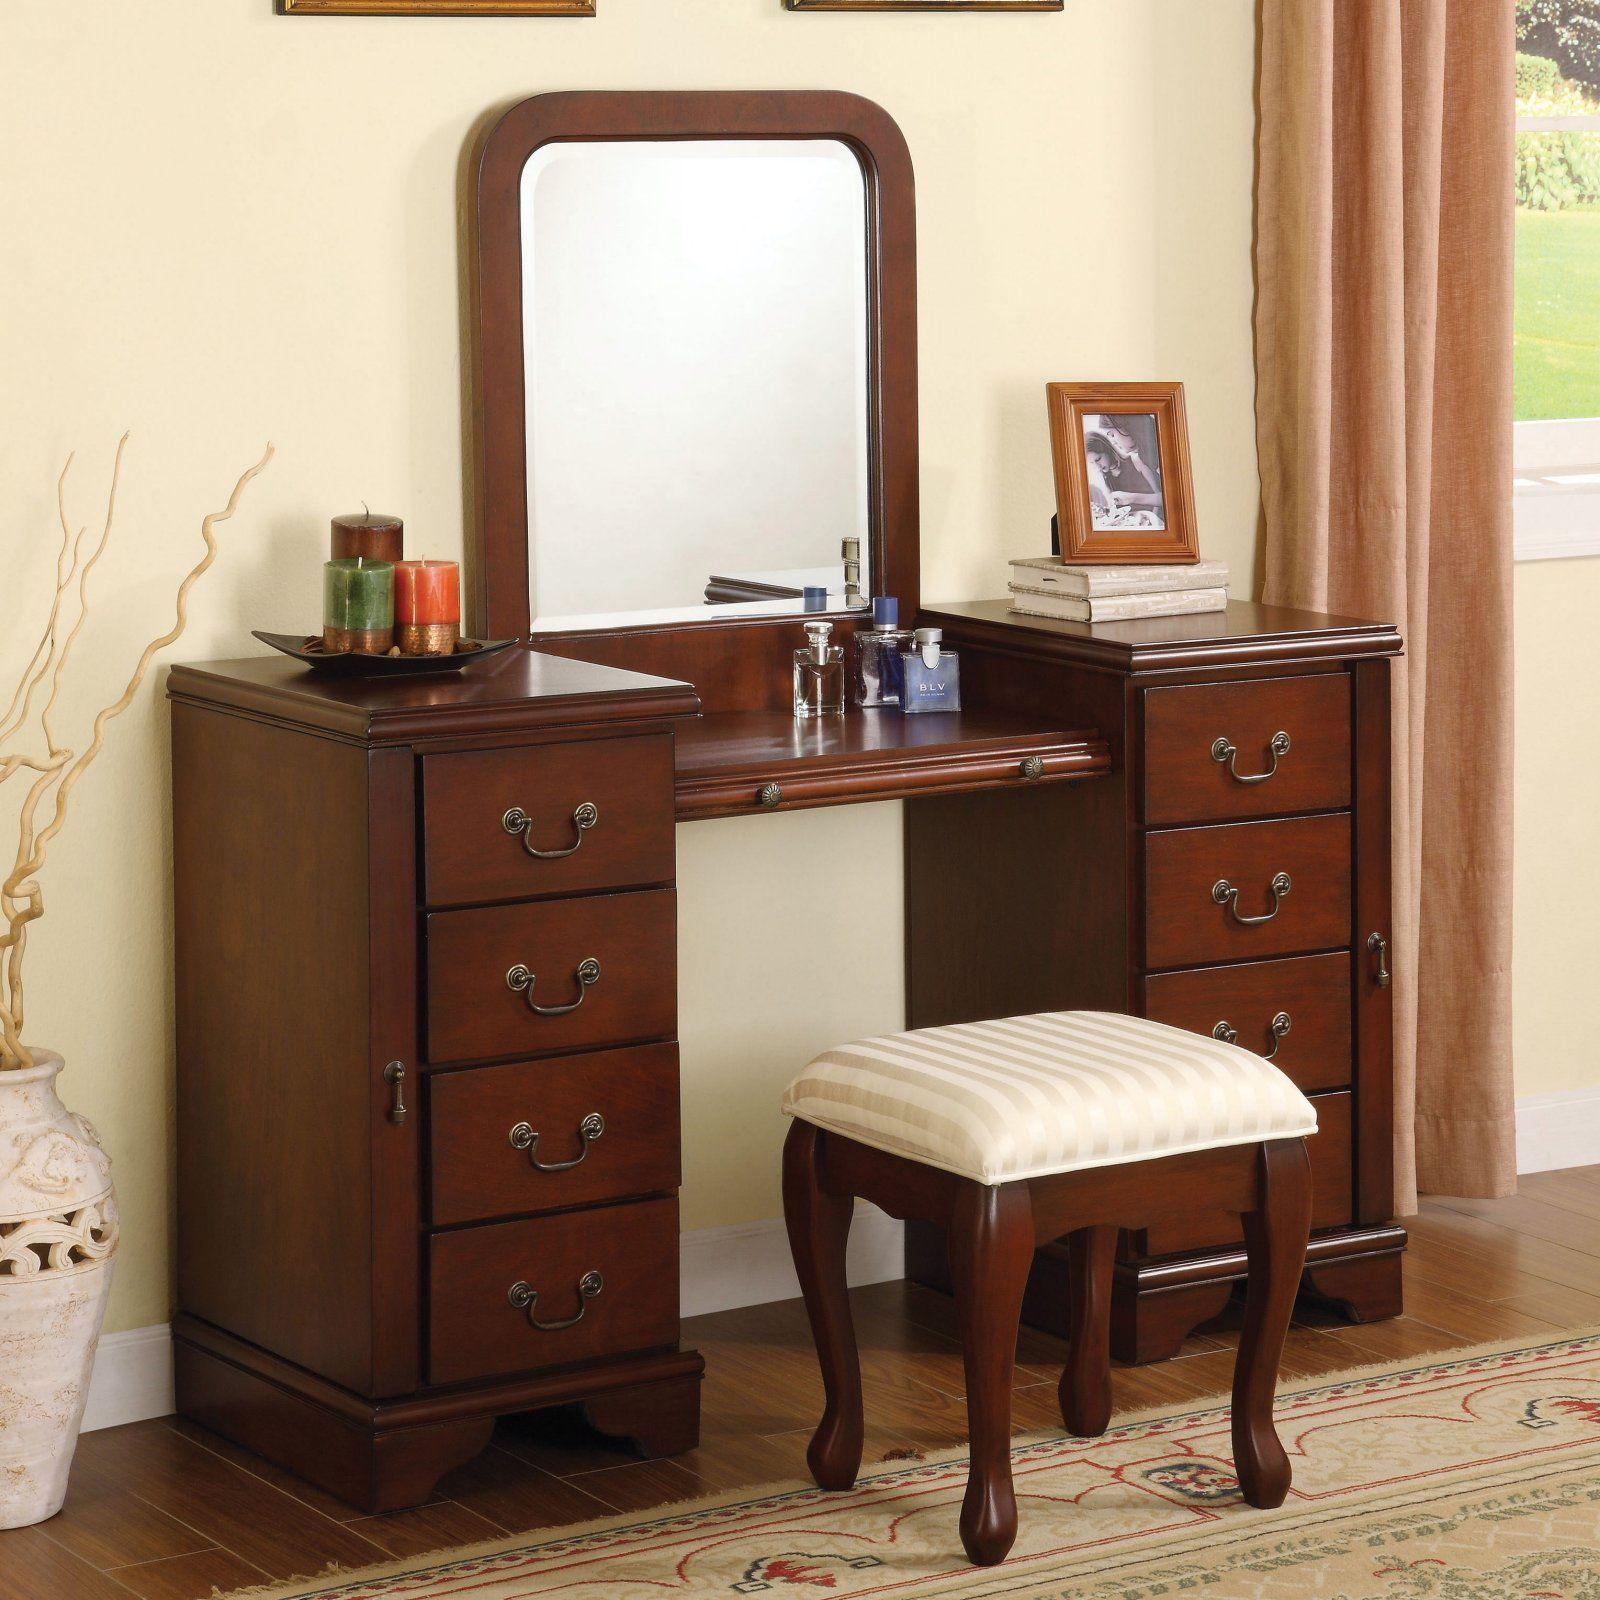 Vintage Bedroom Vanity Set Types Http Www Enduretar